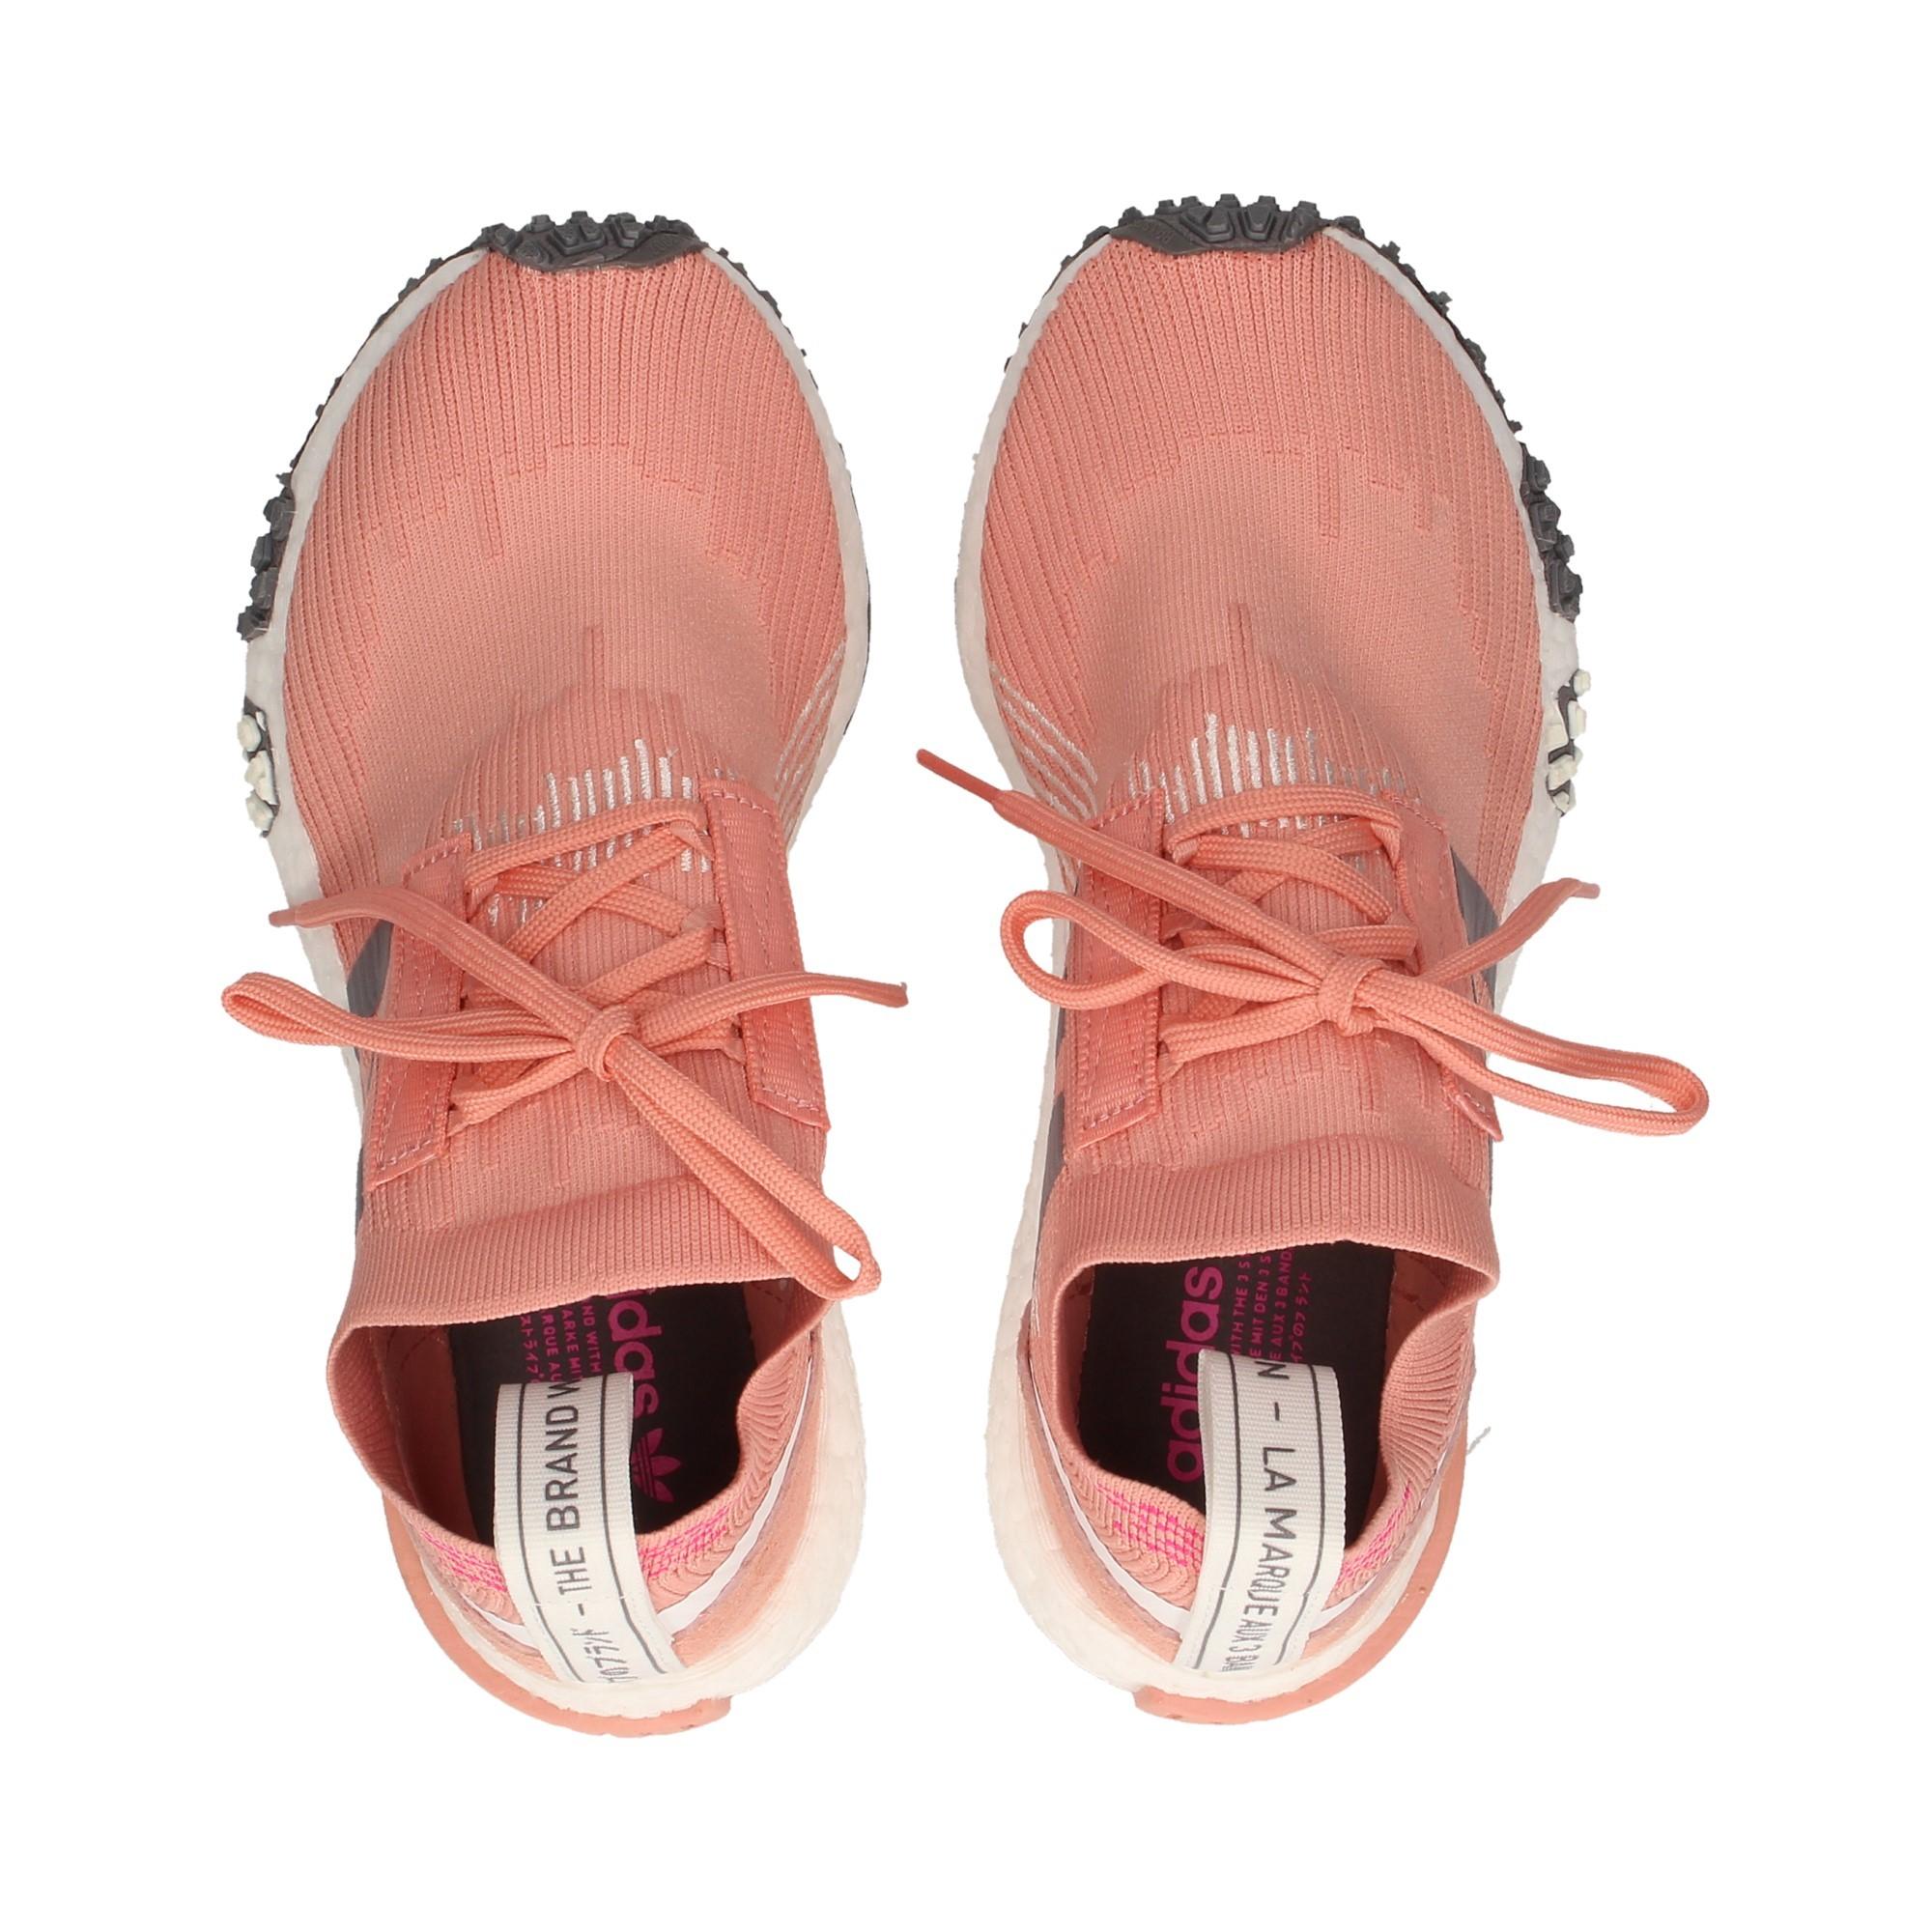 3-bandas-calcetin-acordonado-rosa